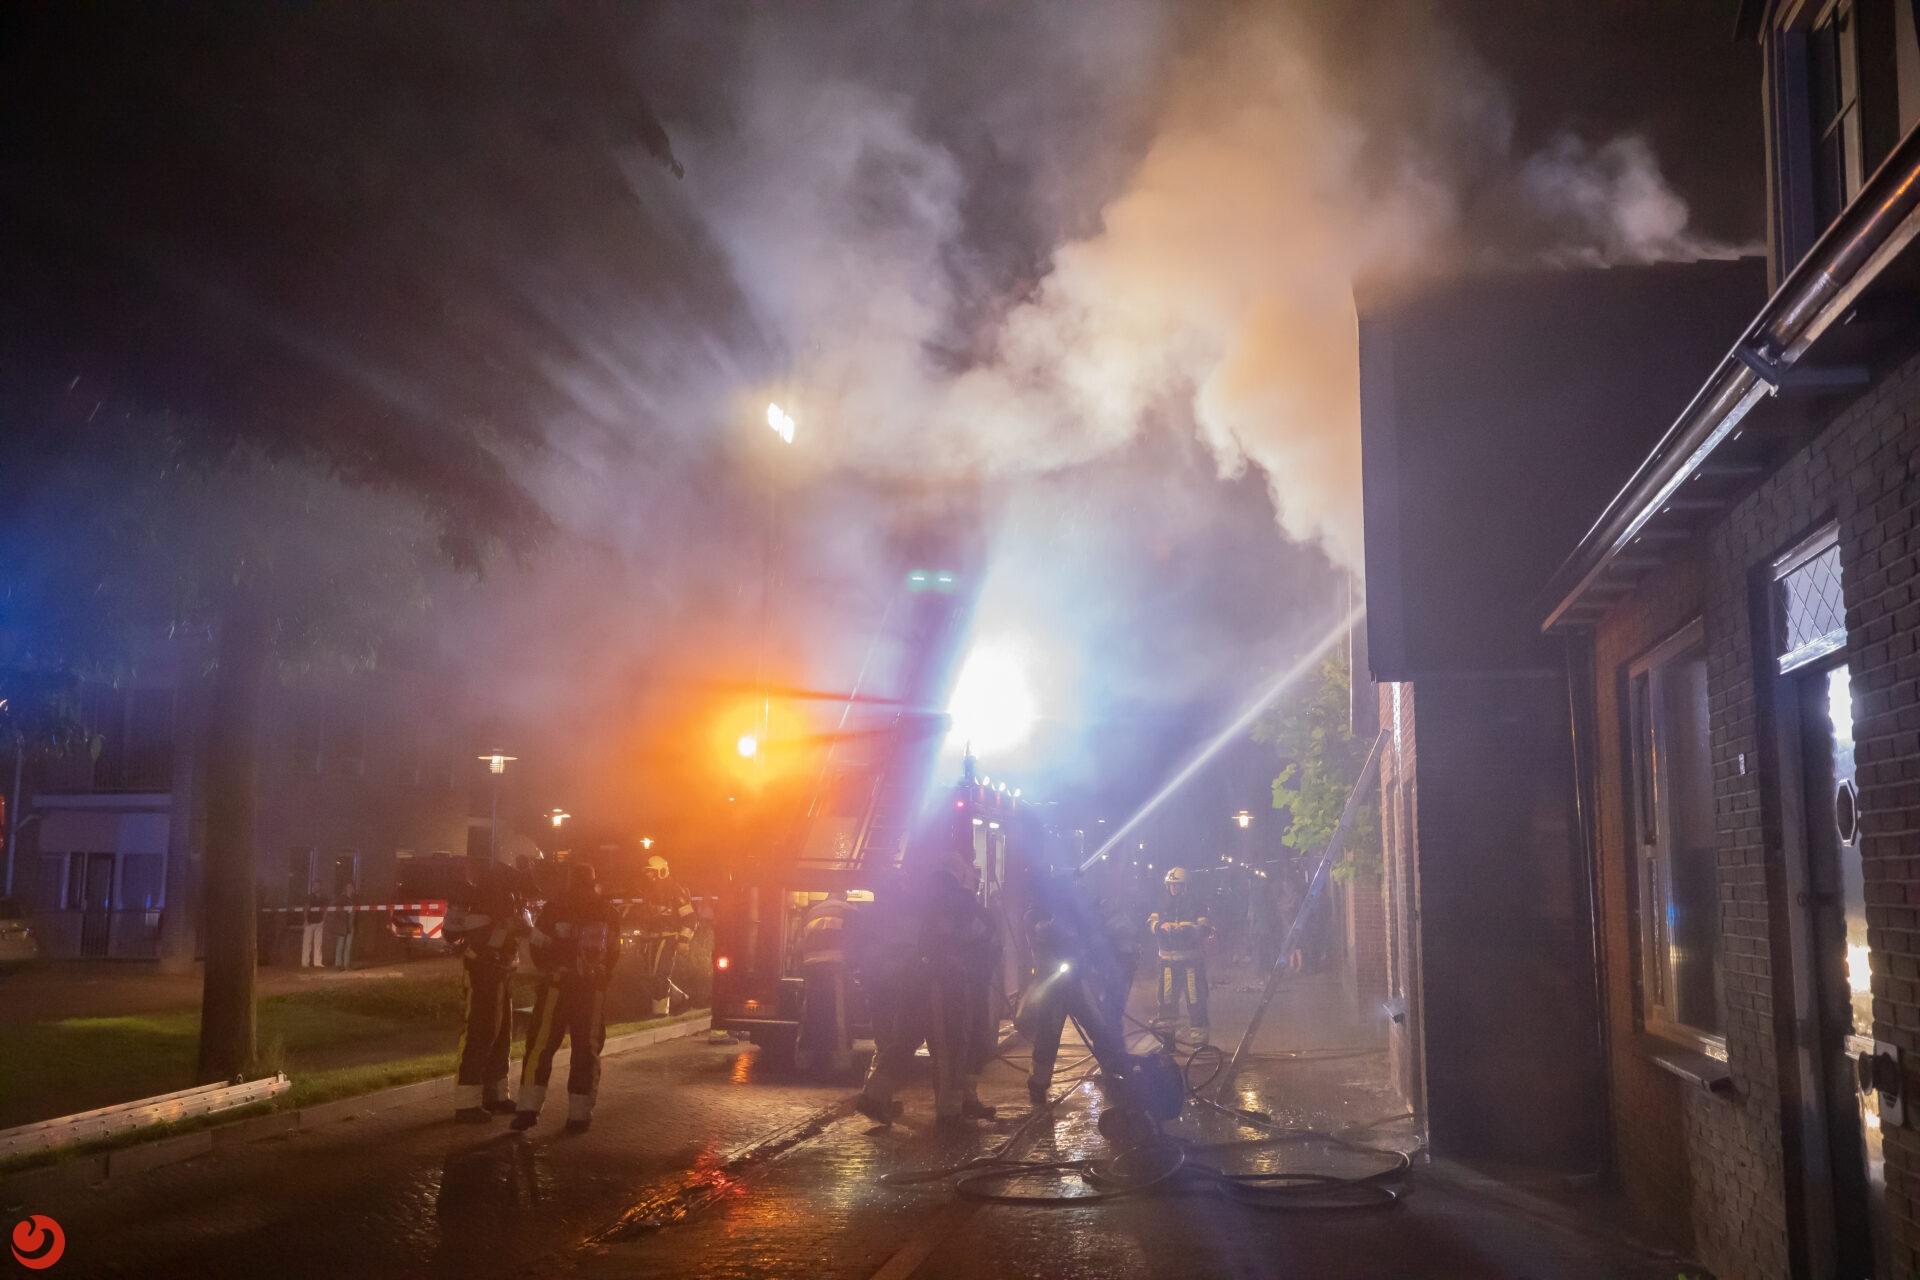 Veel rookontwikkeling bij flinke woningbrand in Noordwolde